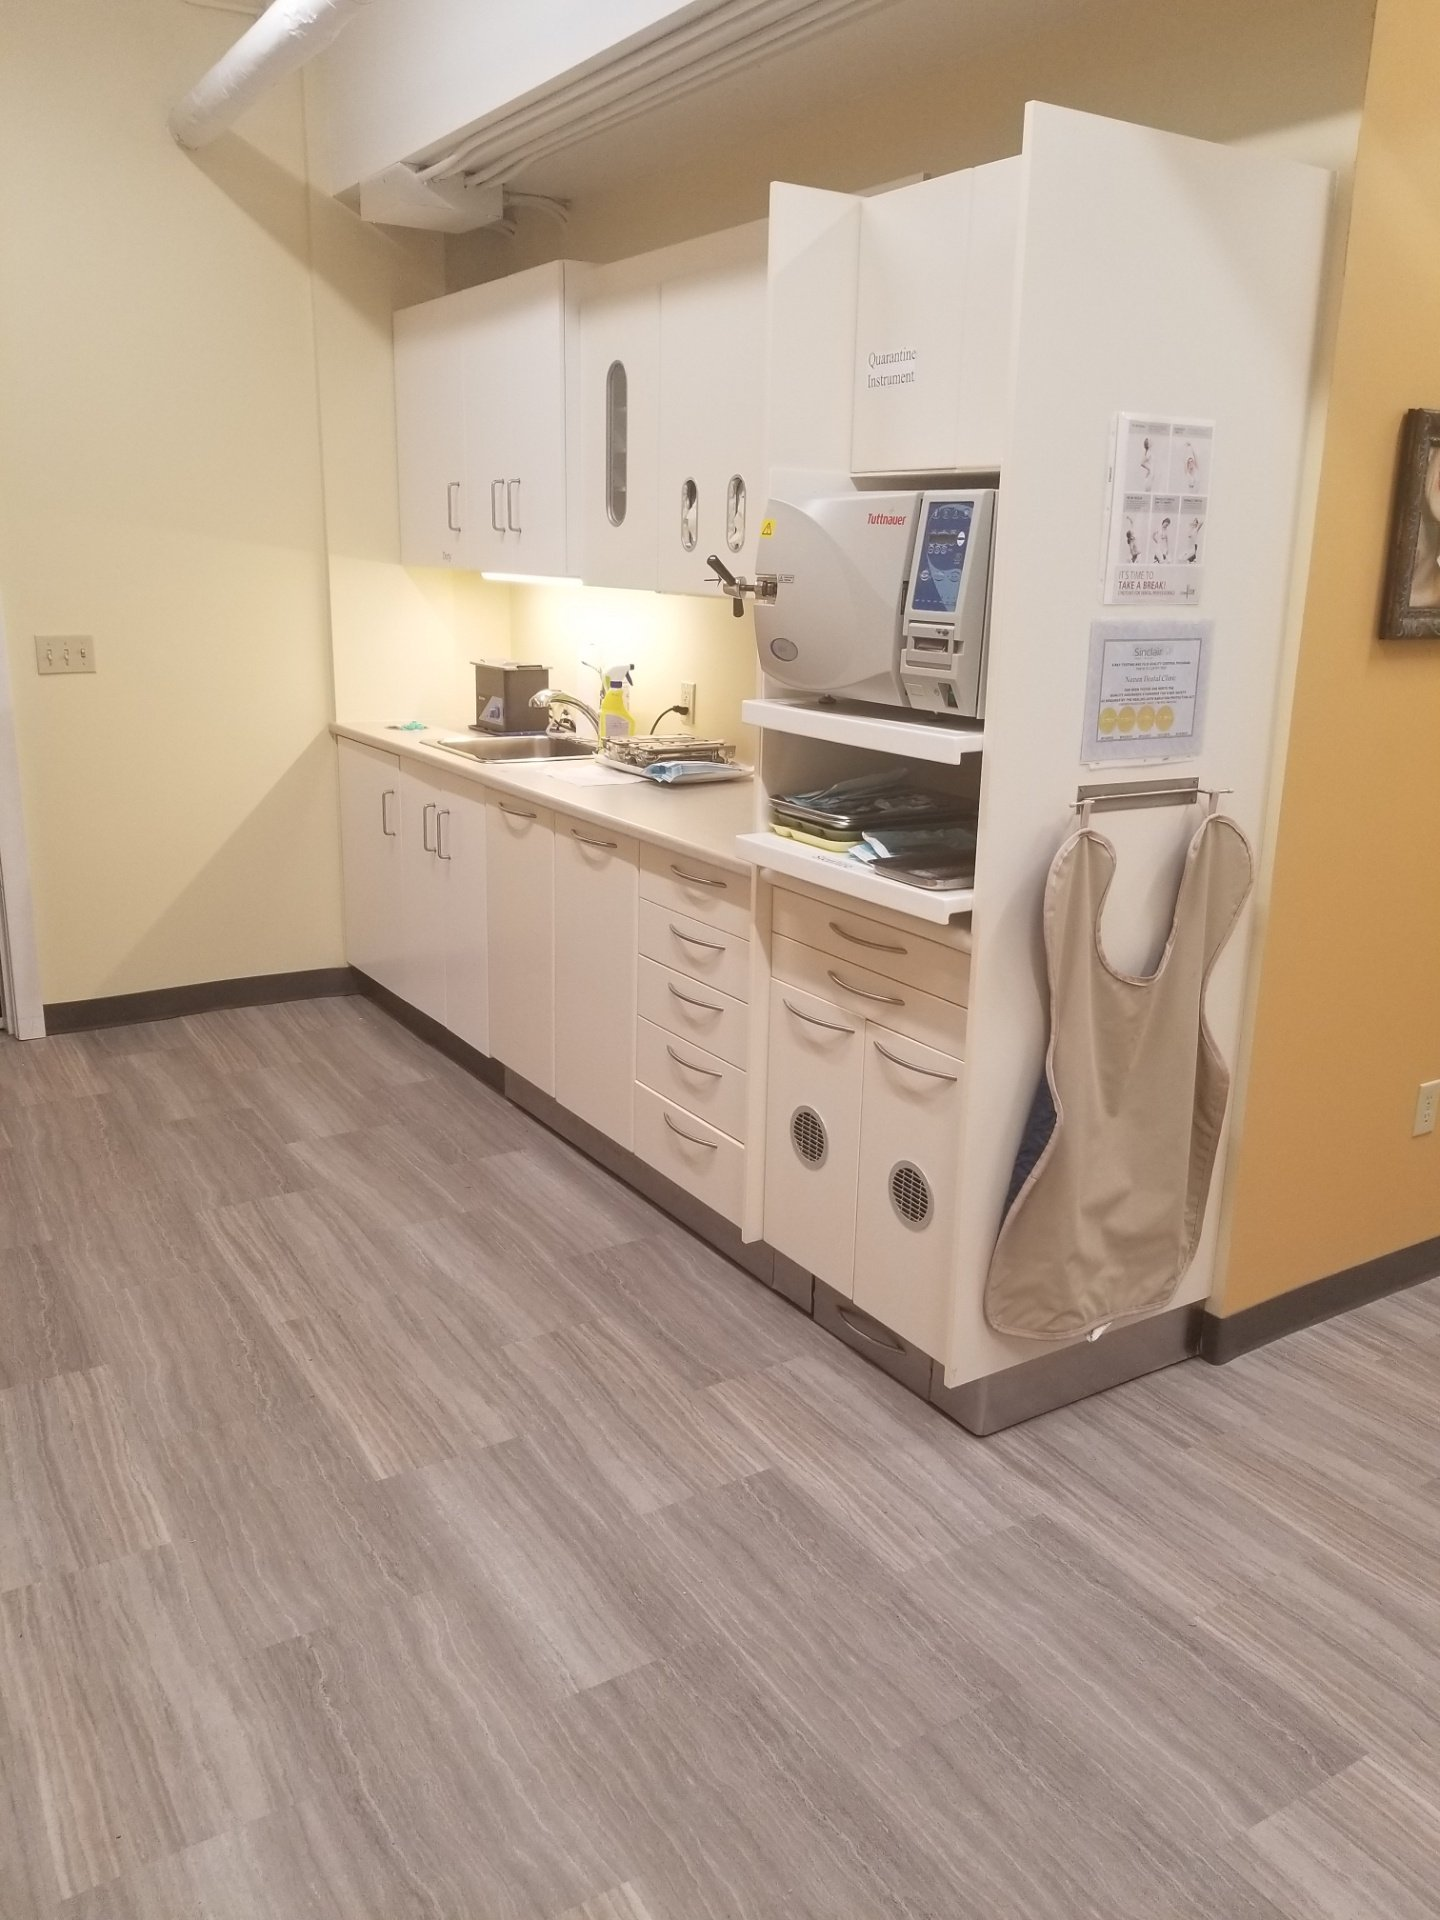 Sterilisation area/ Centre de Strérilisation